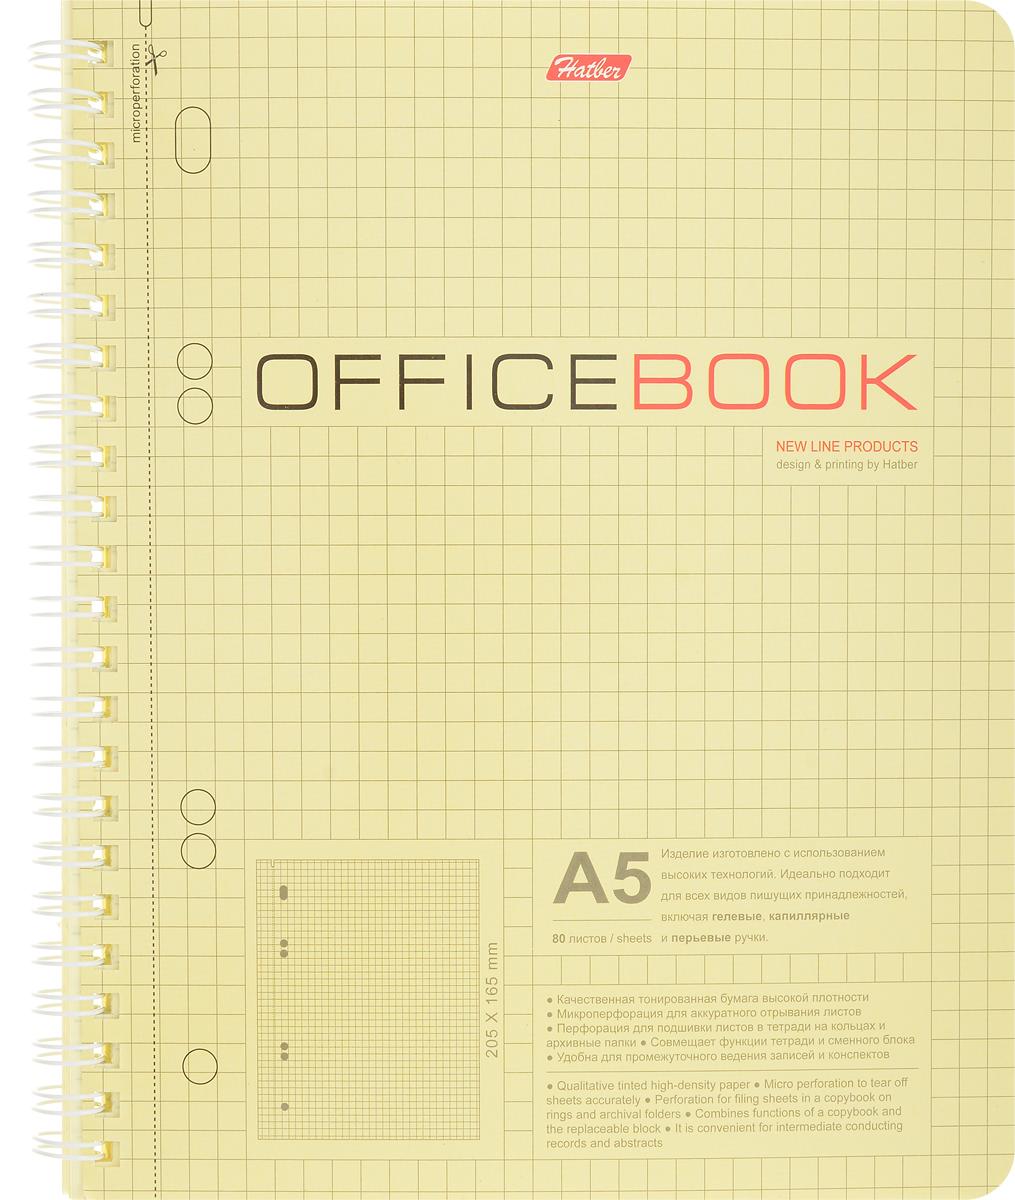 Hatber Тетрадь Office Book 80 листов в клетку цвет светло-желтый80Т5влB5гр_06602Тетрадь Hatber Office Book подойдет как школьнику, так и студенту.Обложка, выполненная из плотного картона, позволит сохранить тетрадь в аккуратном состоянии на протяжении всего времени использования. Внутренний блок тетради, соединенный металлическим гребнем, состоит из 80 листов желтой бумаги в серую клетку без полей.